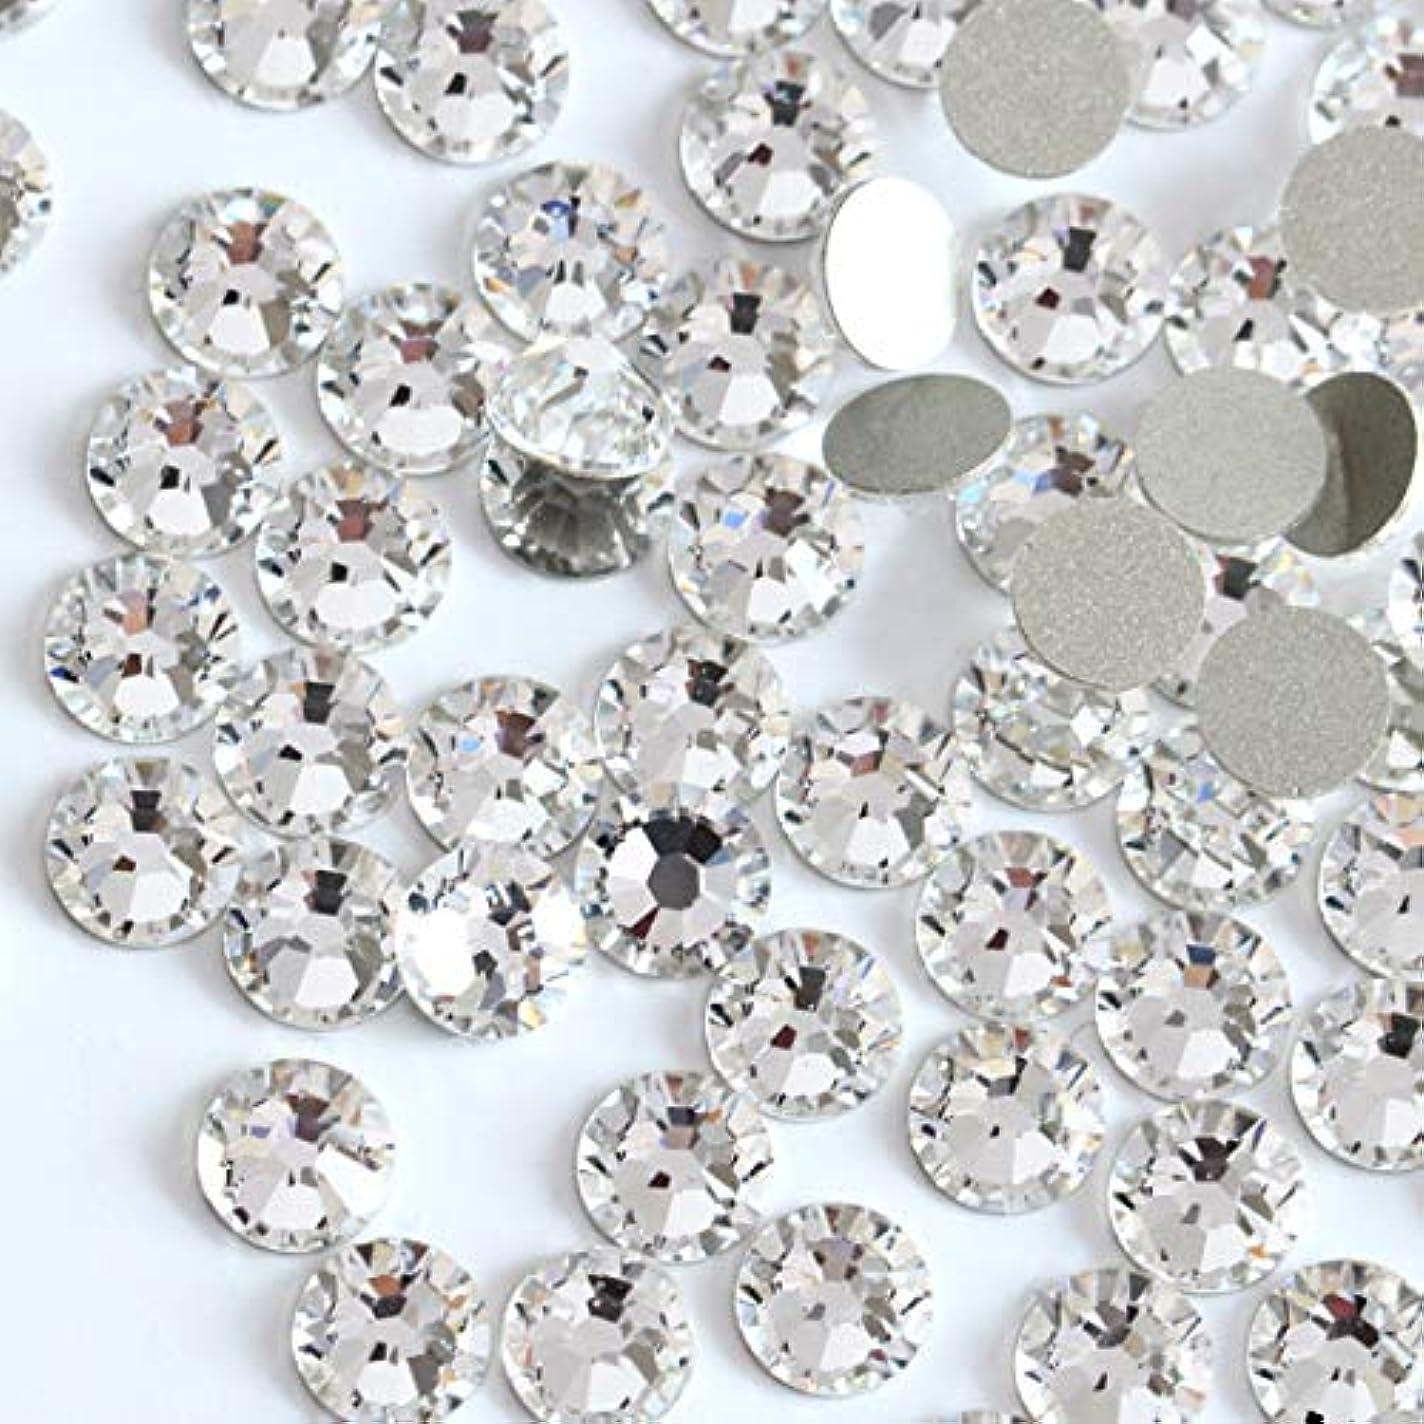 【ラインストーン77】 超高級 ガラス製ラインストーン SS4~SS40 クリスタル スワロフスキー同等(1.9mm (SS6) 約200粒)